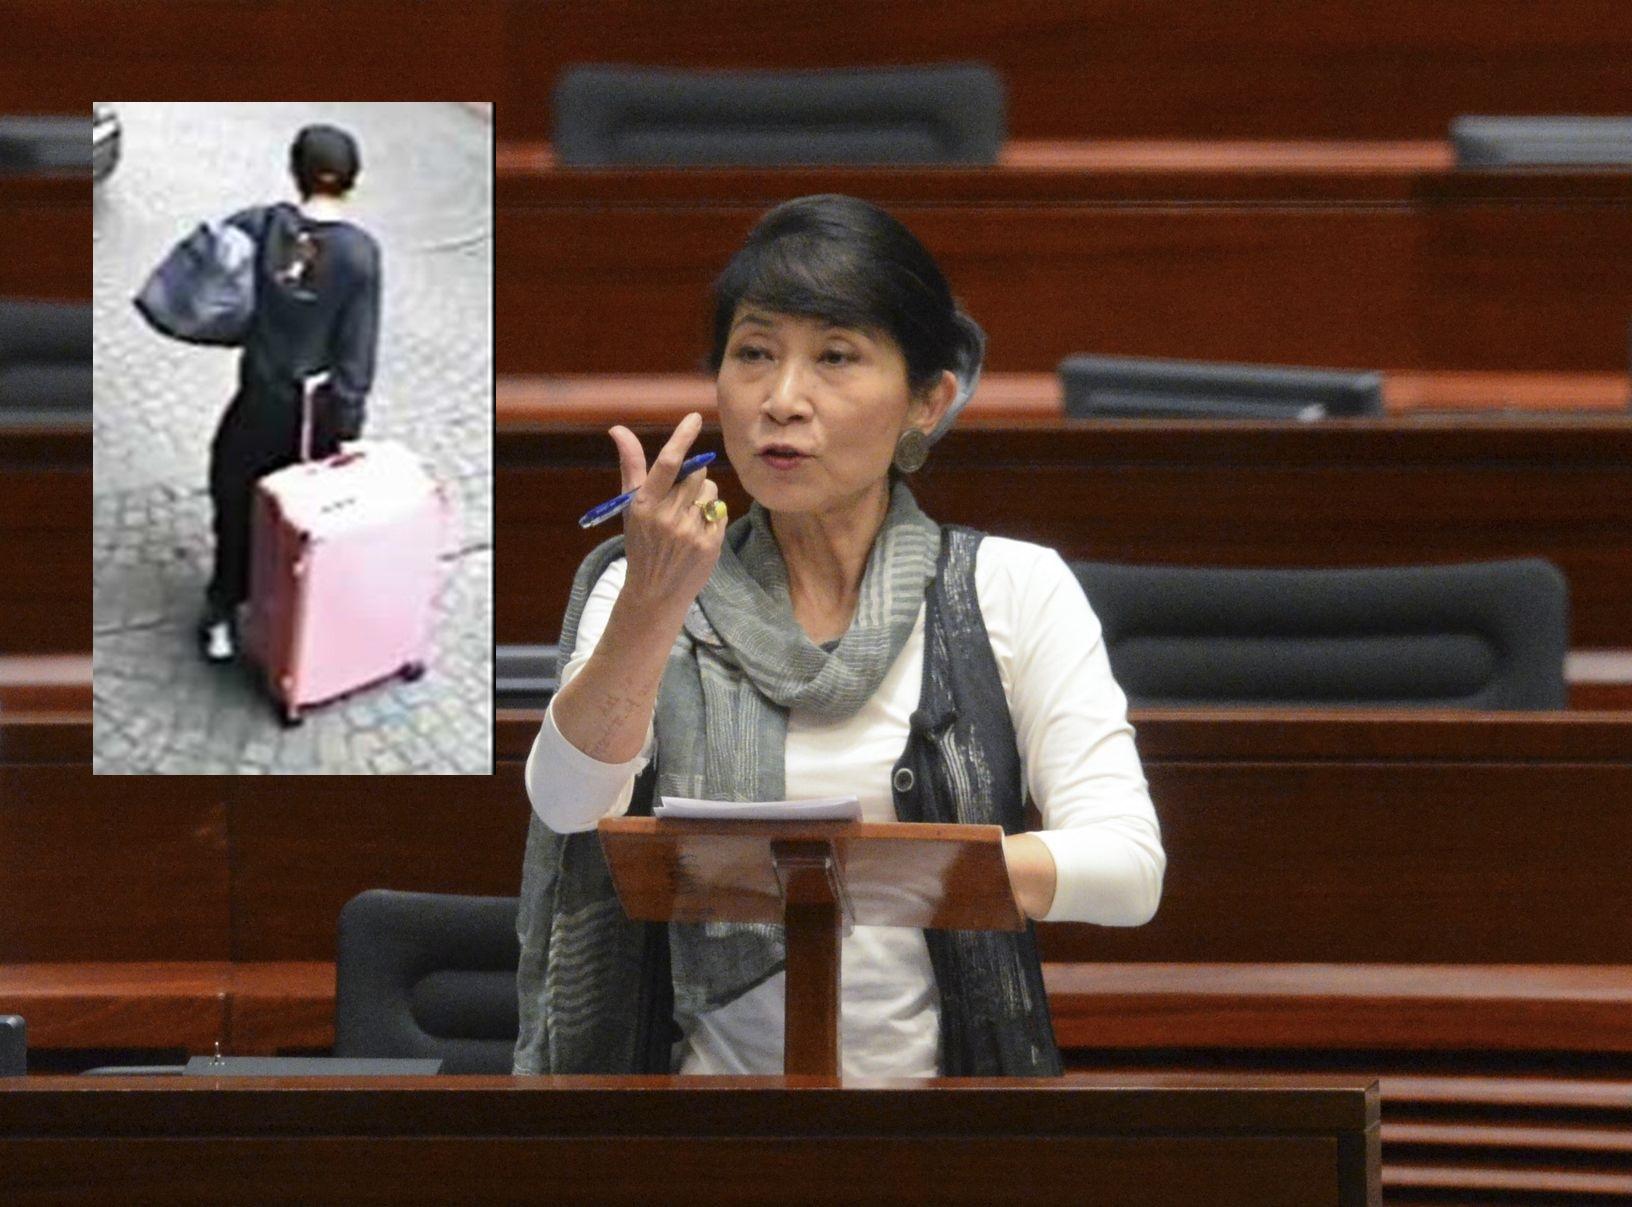 毛孟靜指,民主派反對建議,並指擔心修例會變成「木馬屠城」。資料圖片